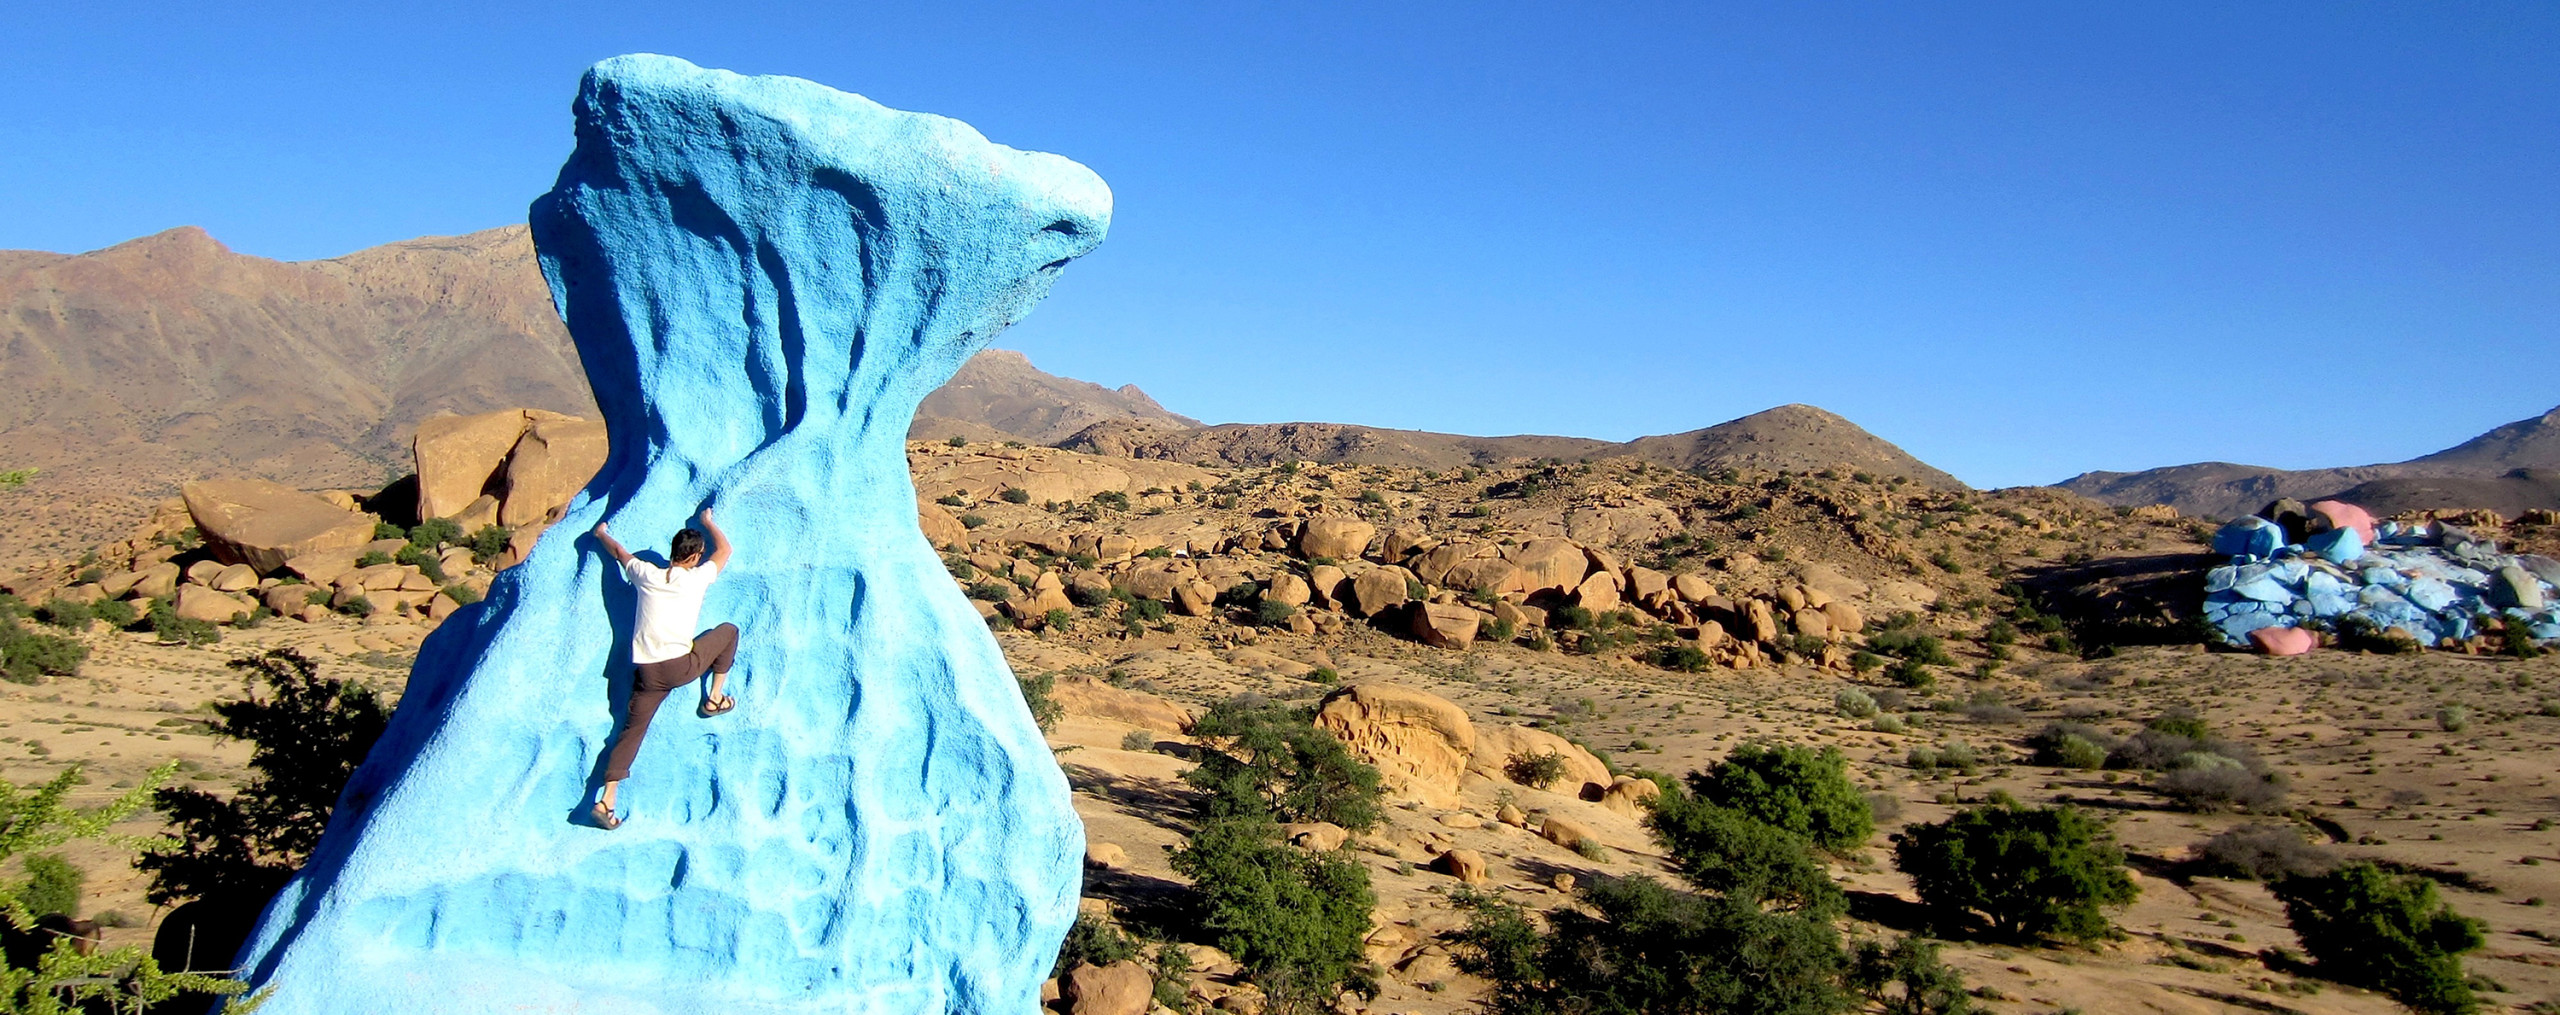 Discover Rock Climbing